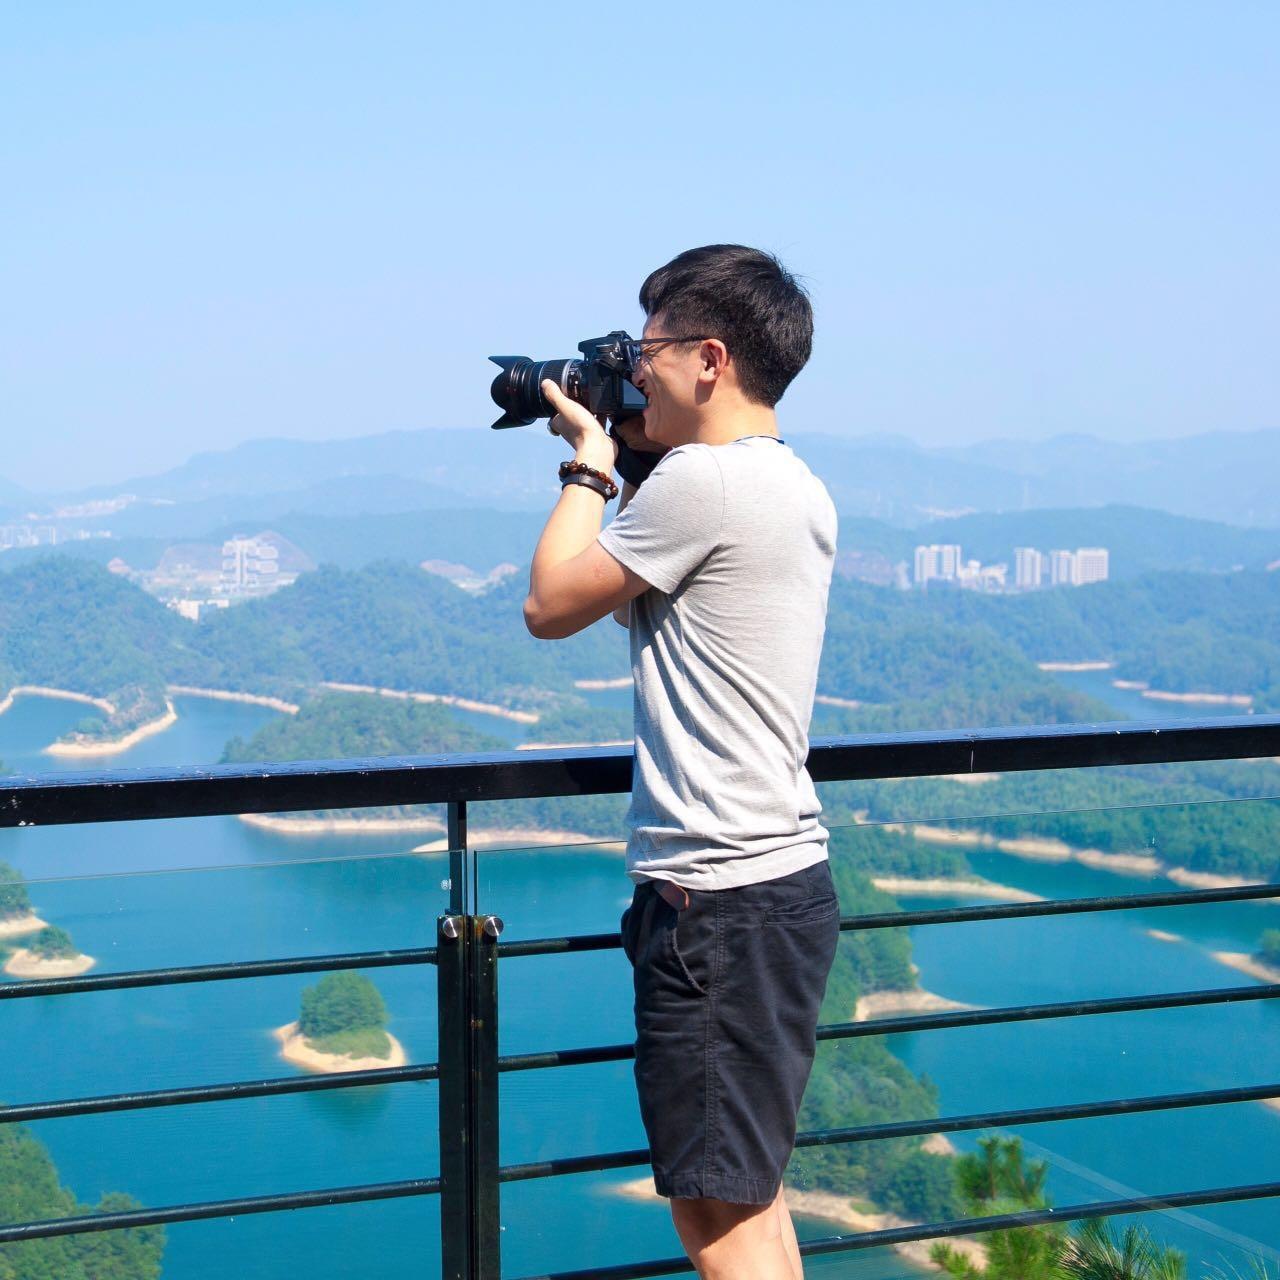 Go to liu qiaojun's profile